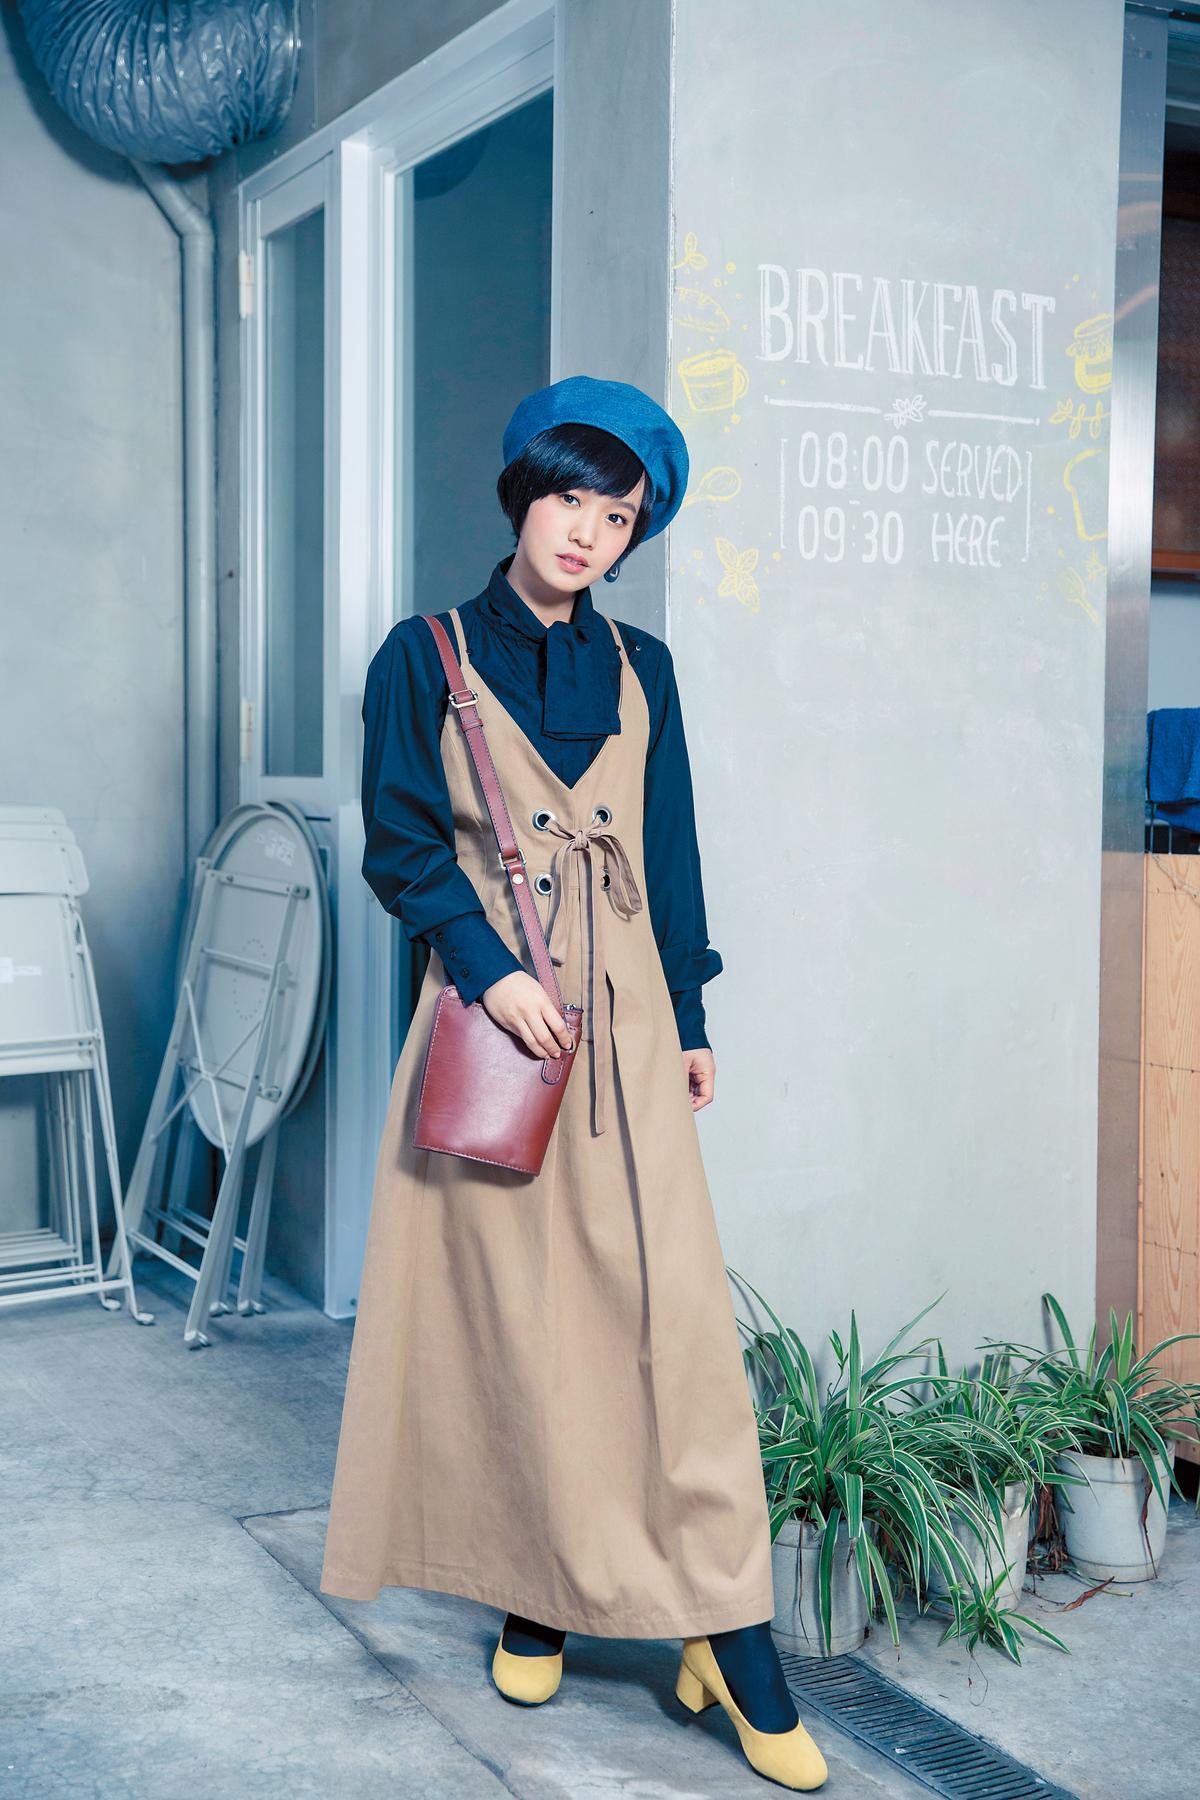 網路上買的黑色襯衫,約NT$3,500;hi Height韓貨卡其色吊帶長裙,NT$1,250;COLOA筒包,約NT$6,000;Ann's黃色低跟鞋,是同學的自有品牌,約NT$1,500